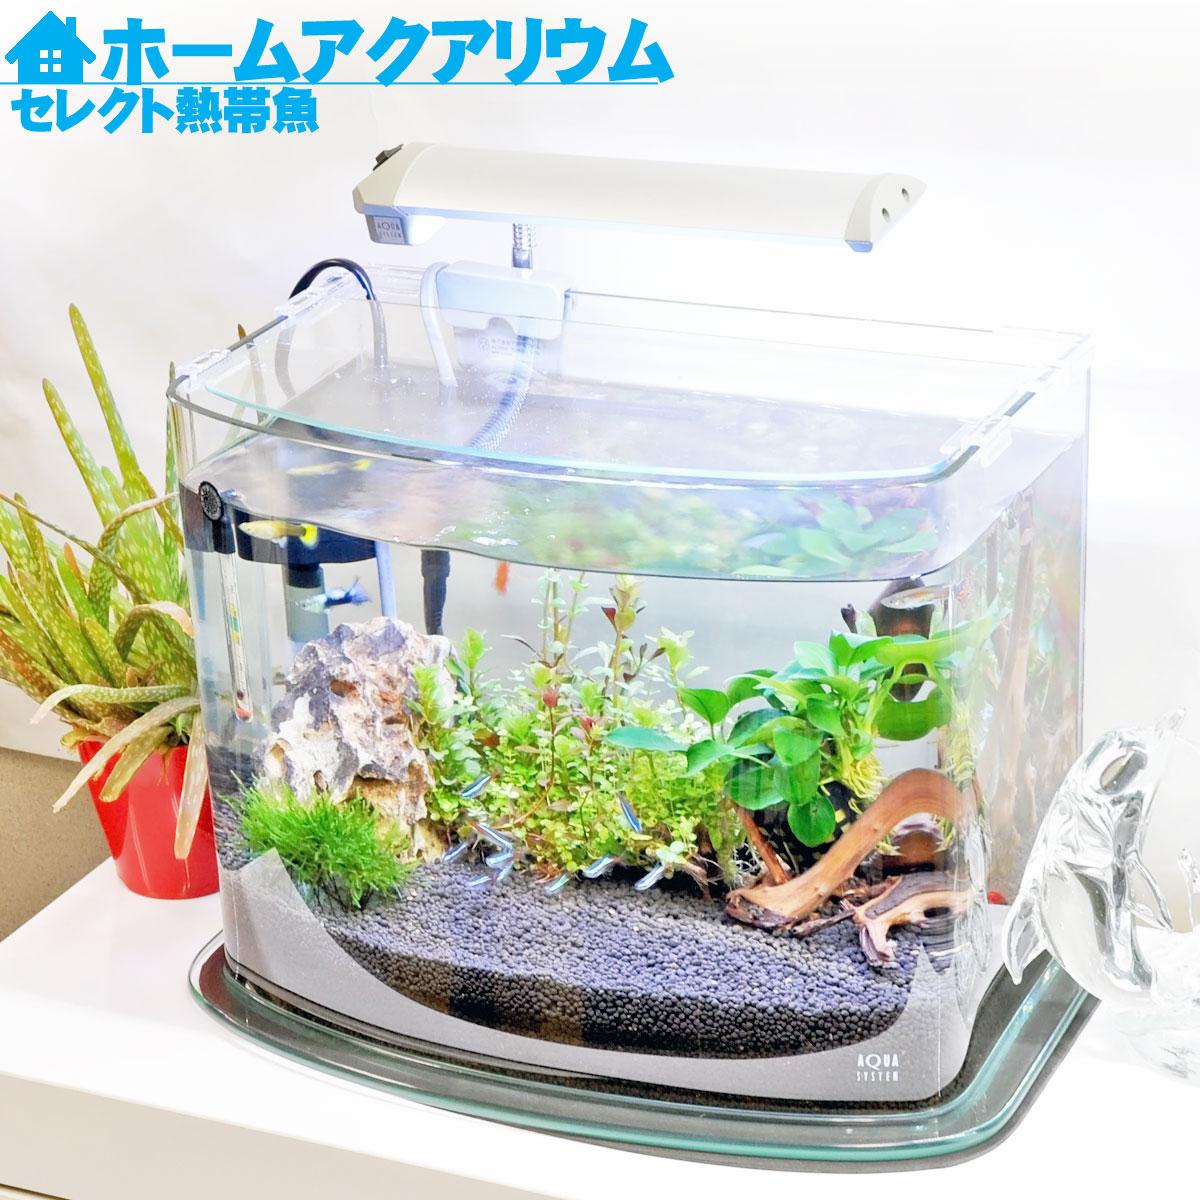 【送料無料】ホームアクアリウムオールセット セレクト熱帯魚 36cm水槽 飼育に必要なもの全てお届け 家族の団欒 インテリア 癒しに